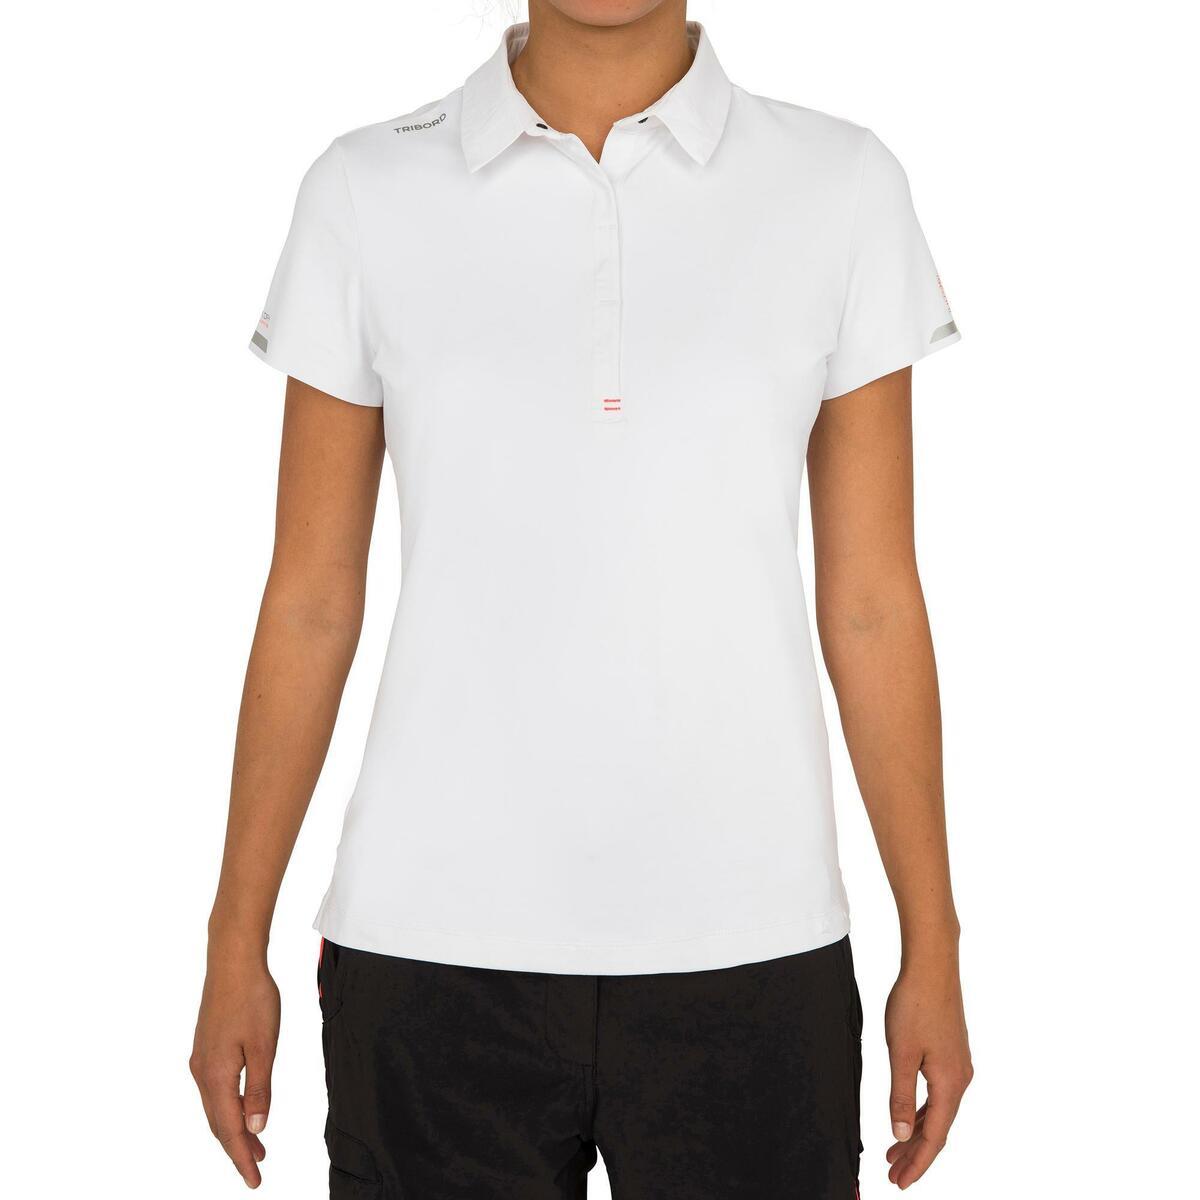 Bild 2 von Poloshirt kurzarm Segeln Race Damen weiß